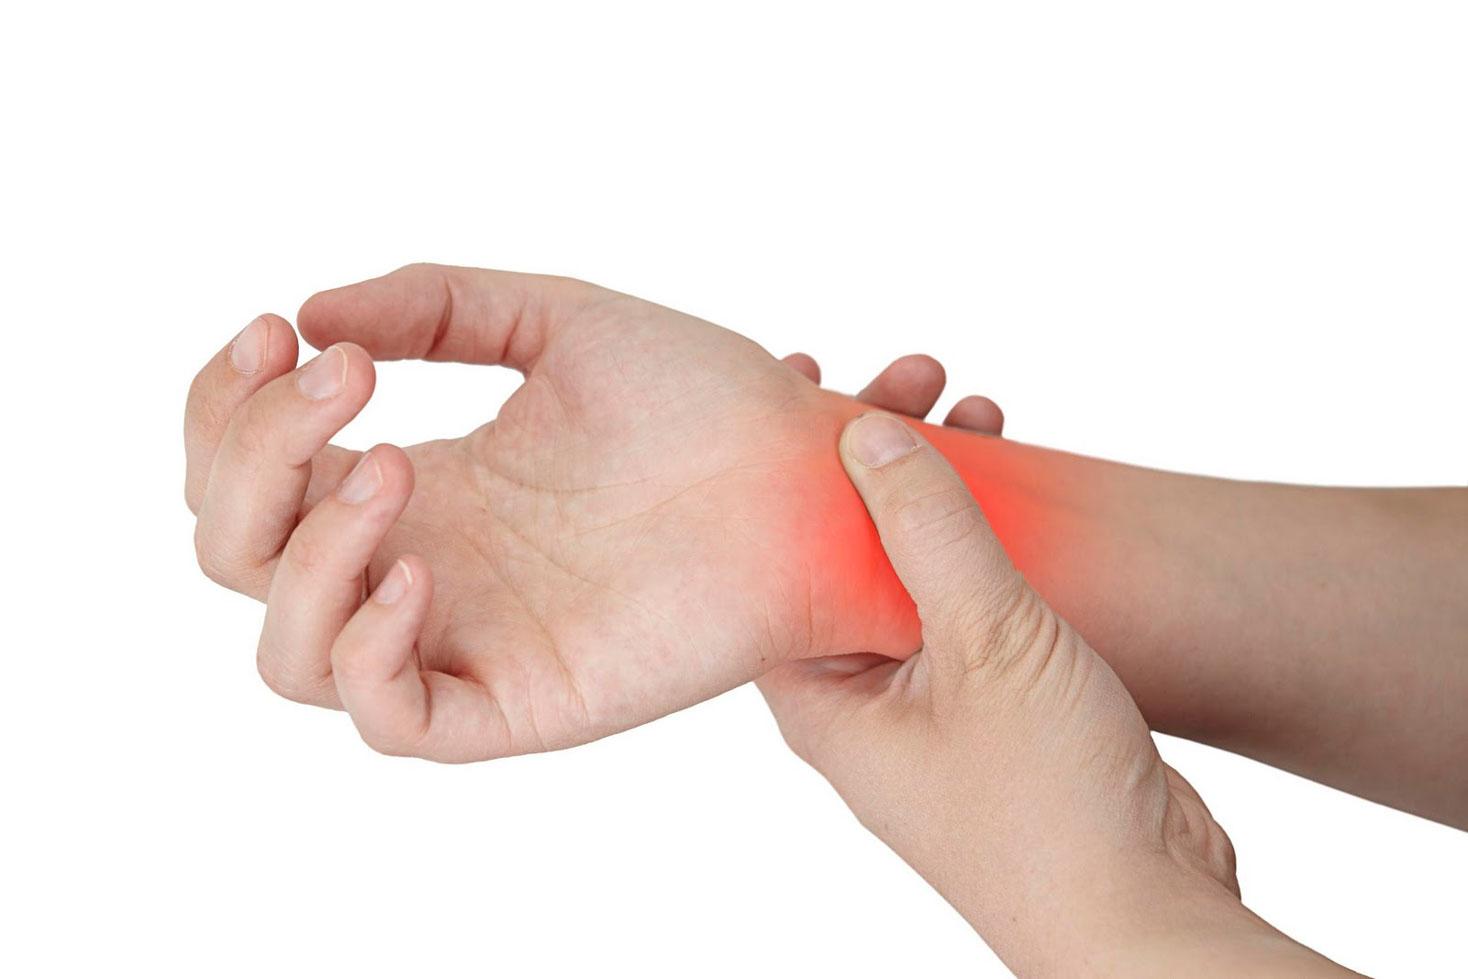 Tratamentos alternativos para lesões no tênis